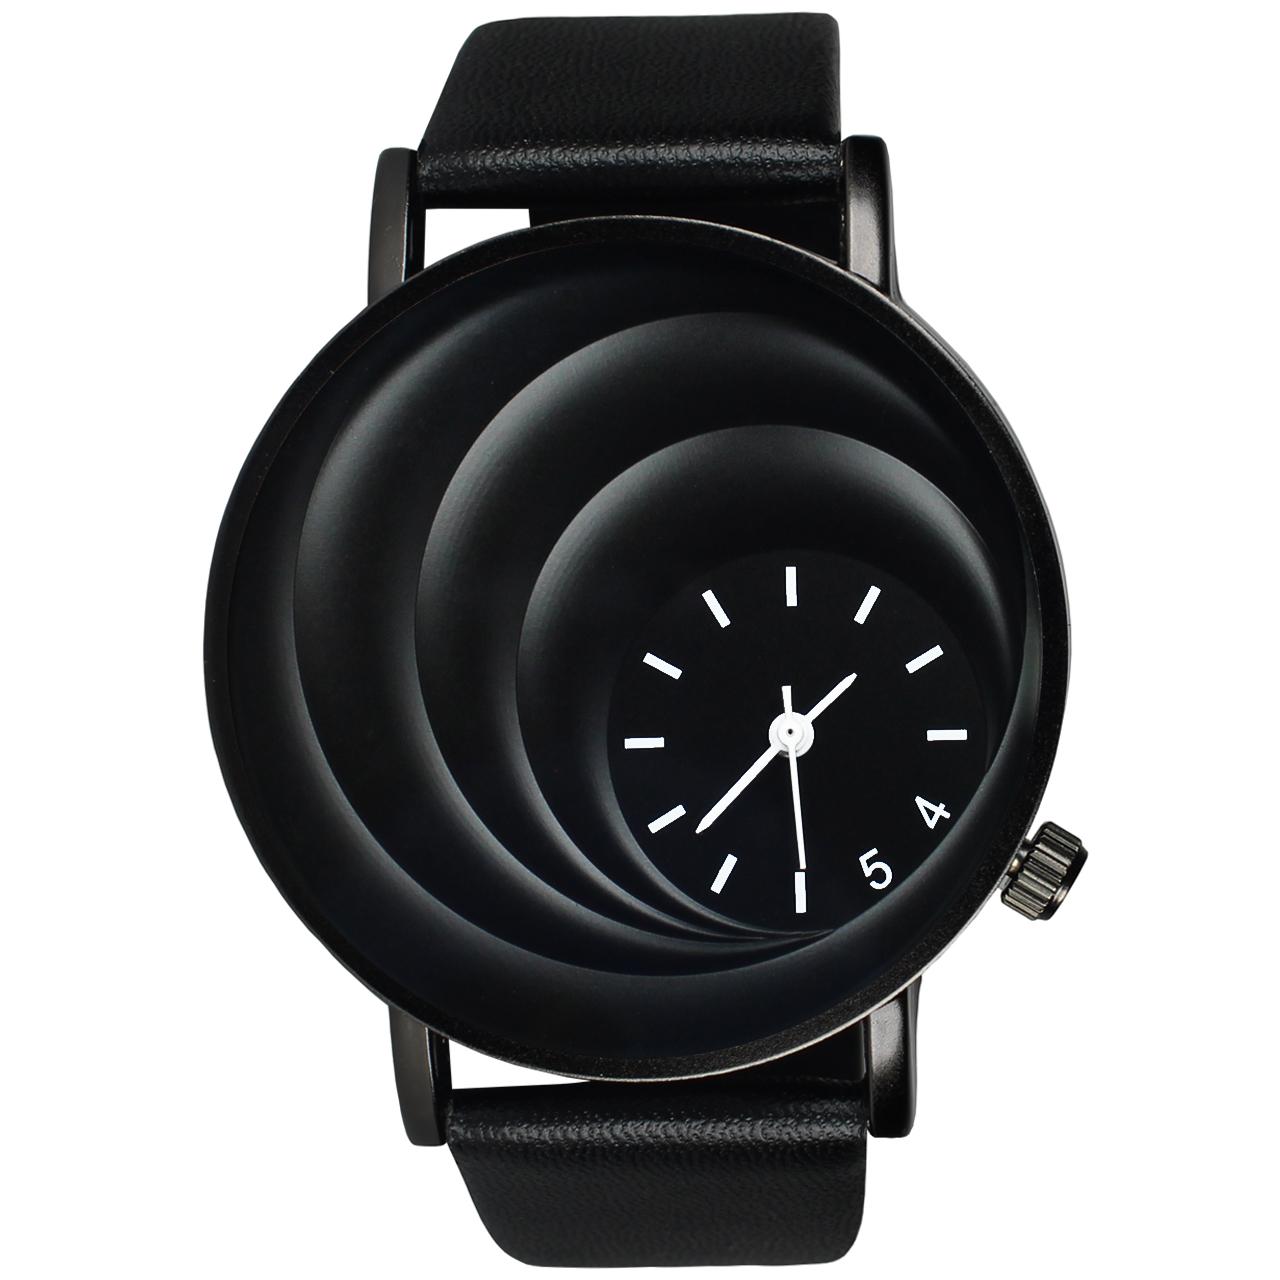 ساعت مچی عقربه ای مردانه و زنانه مدل M05 41